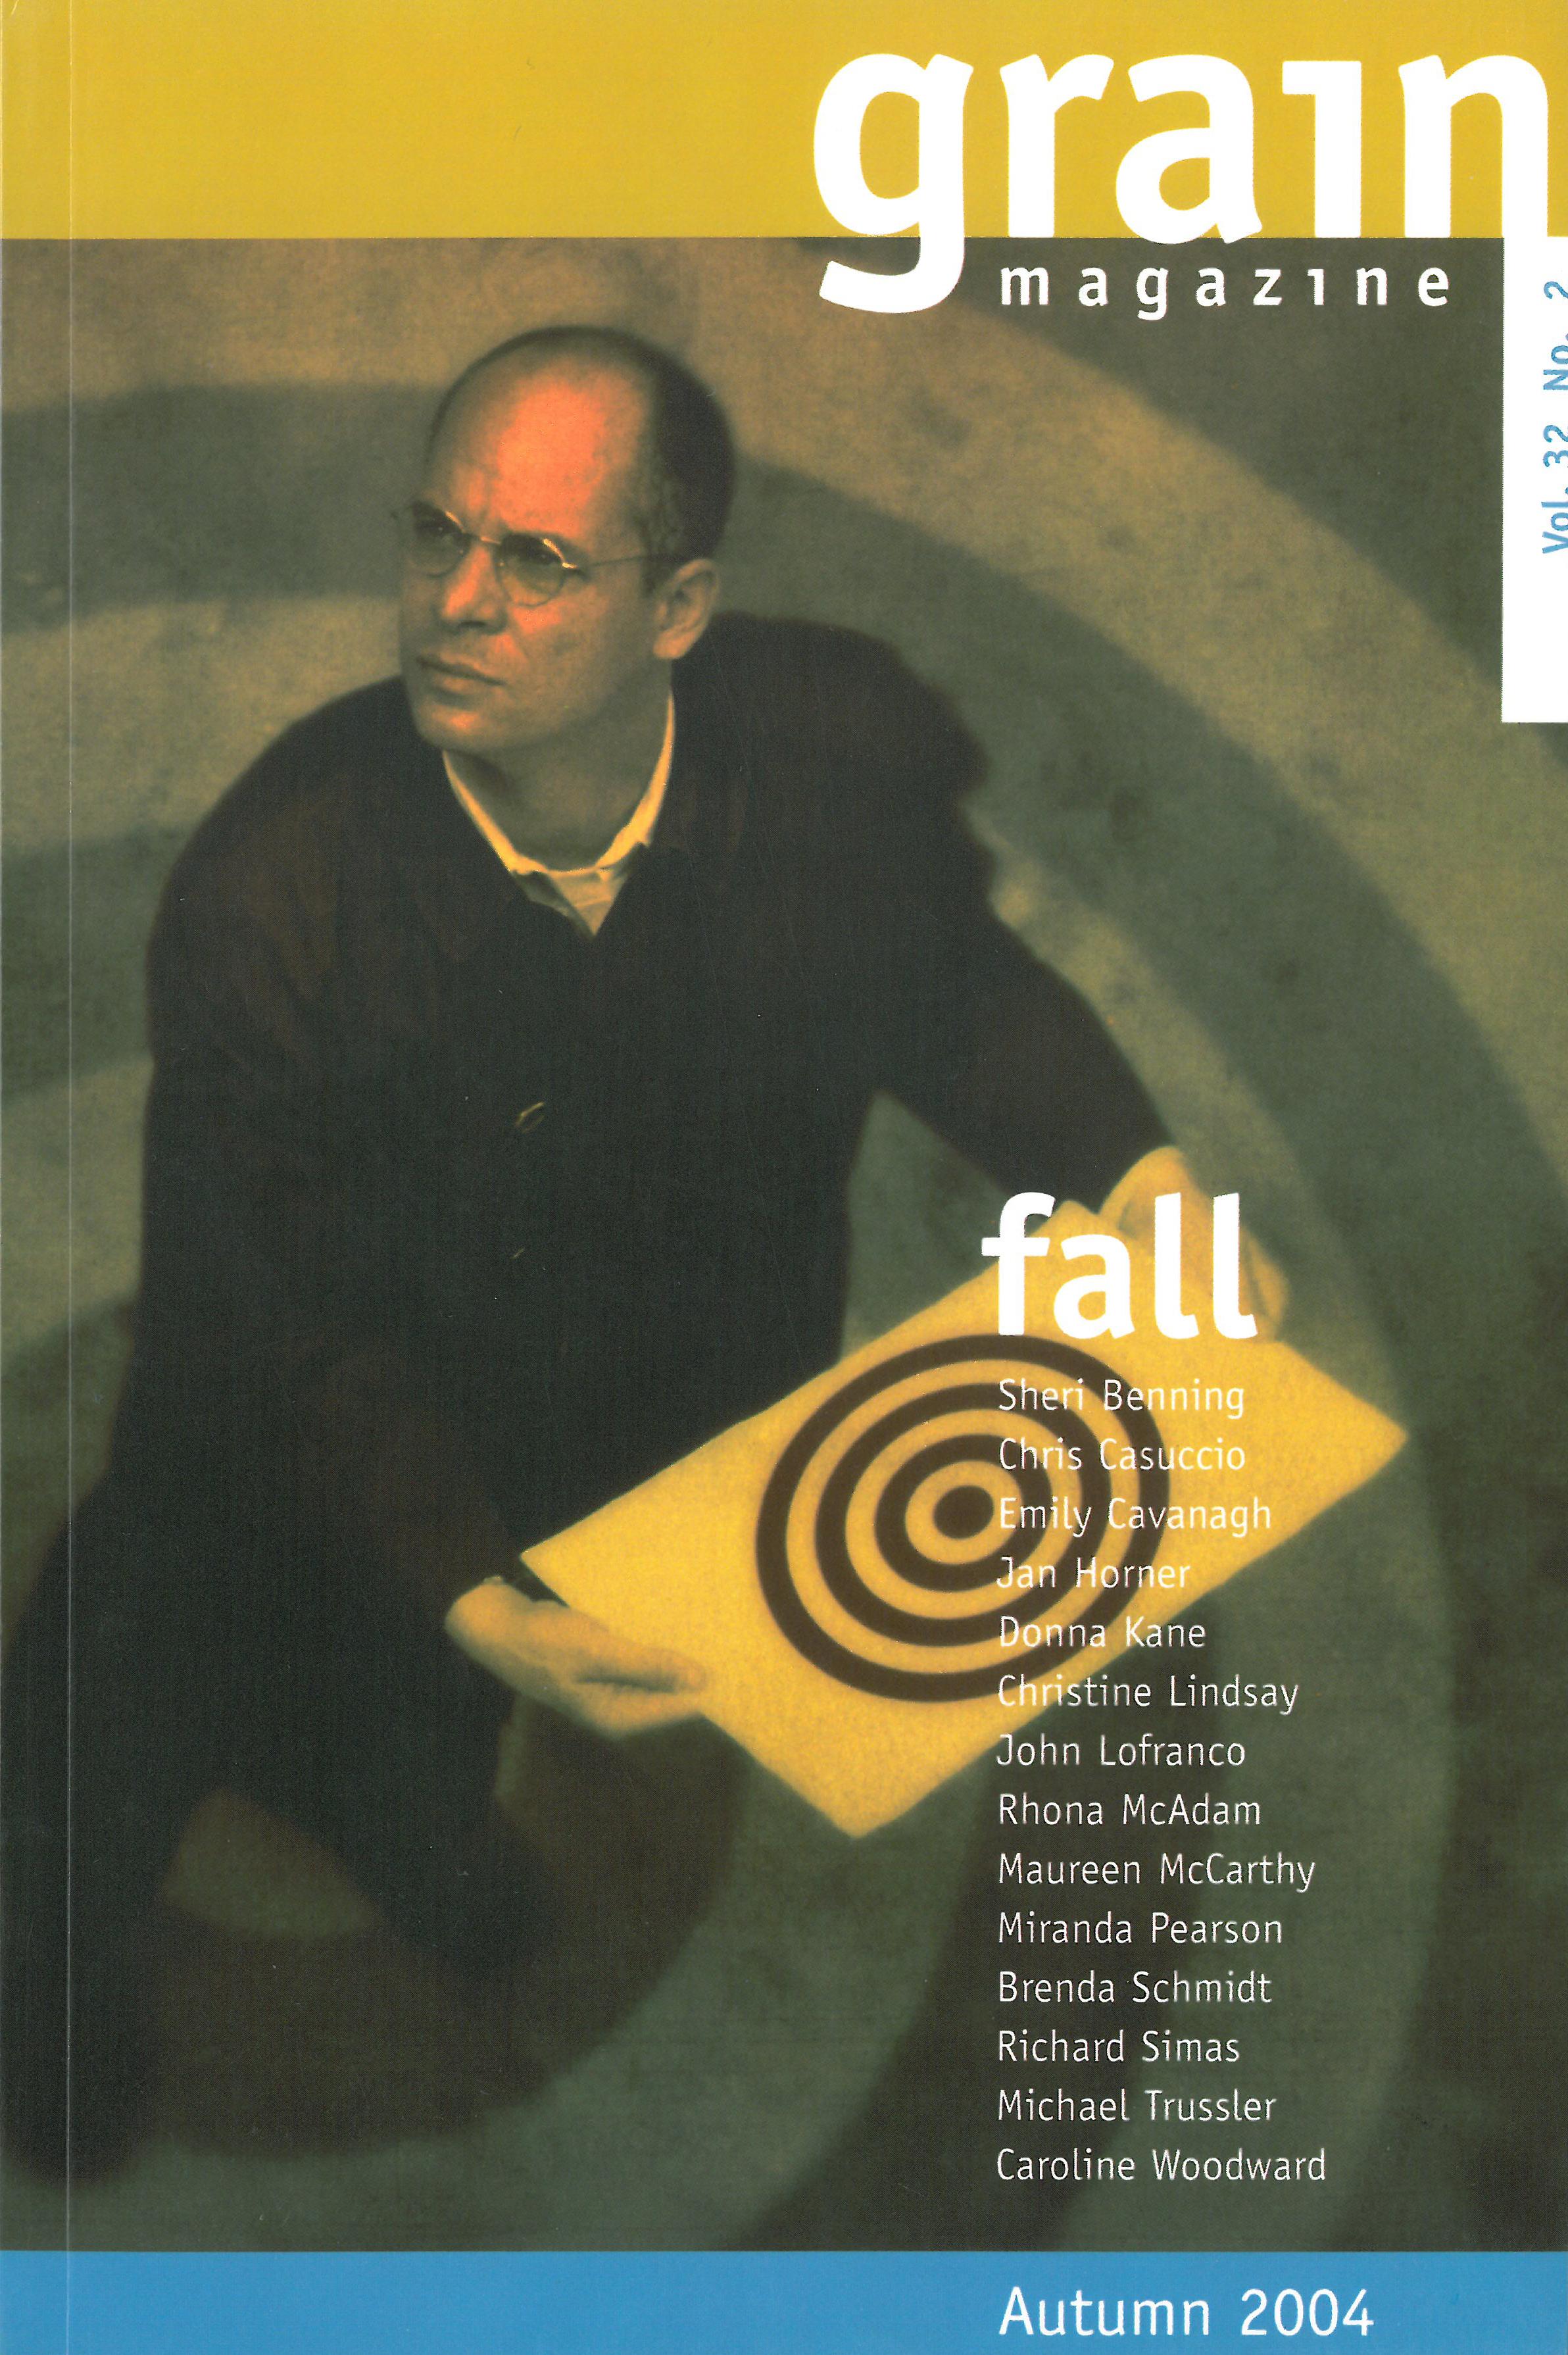 32.2 Autumn 2004, Short Grain Contest